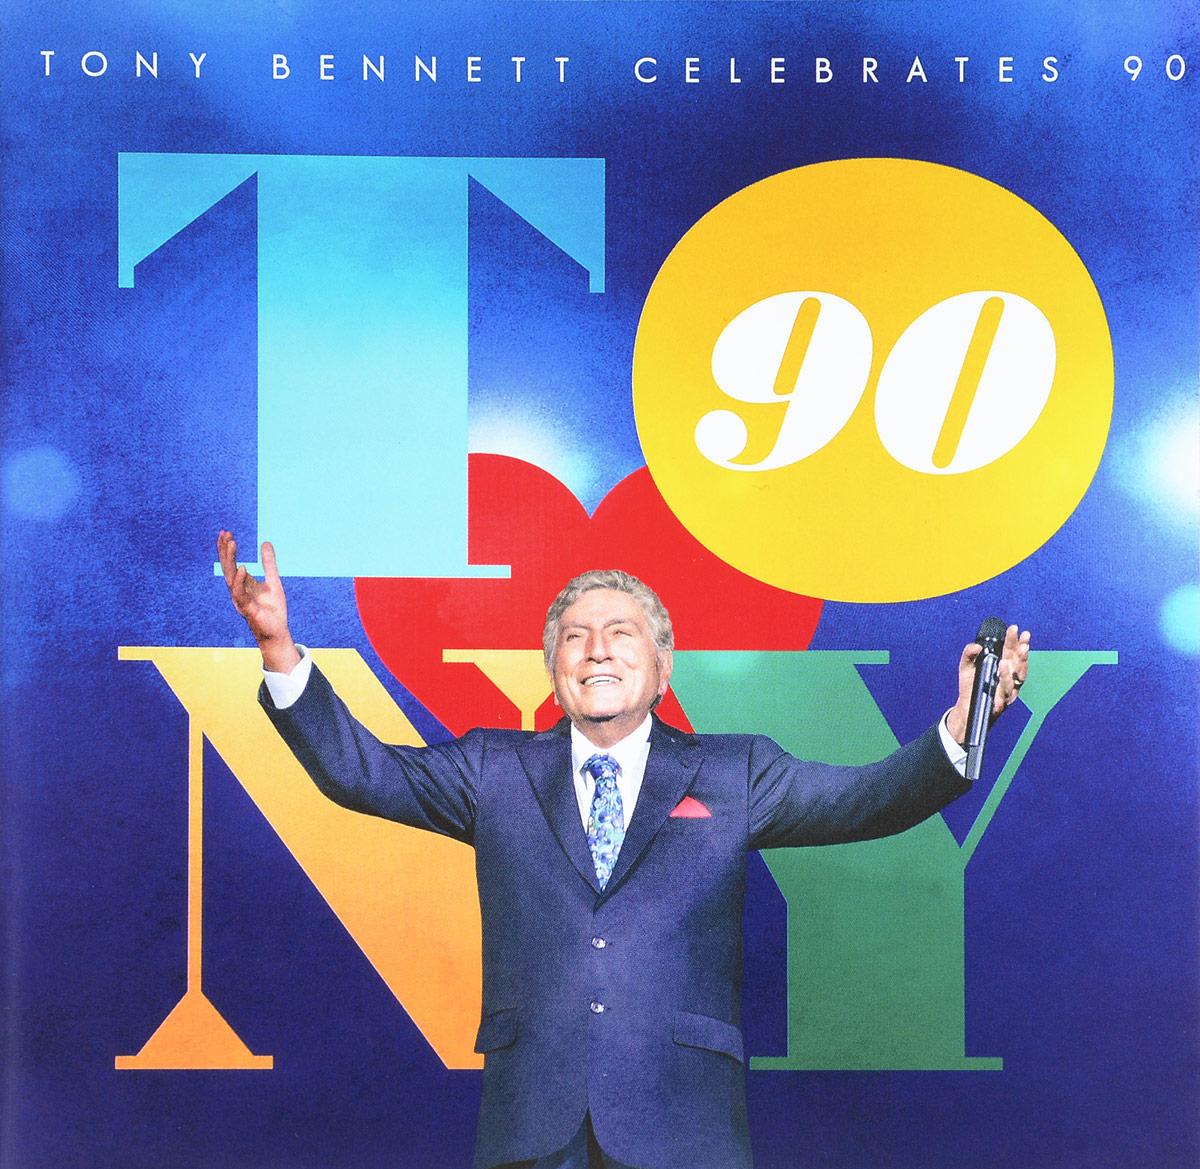 Тони Беннетт,Lady Gaga,Майкл Бубле,Андреа Бочелли,Кевин Спейси,Дайана Кролл Tony Bennett Celebrates 90 дайана кролл тони беннетт bill charlap trio tony bennett